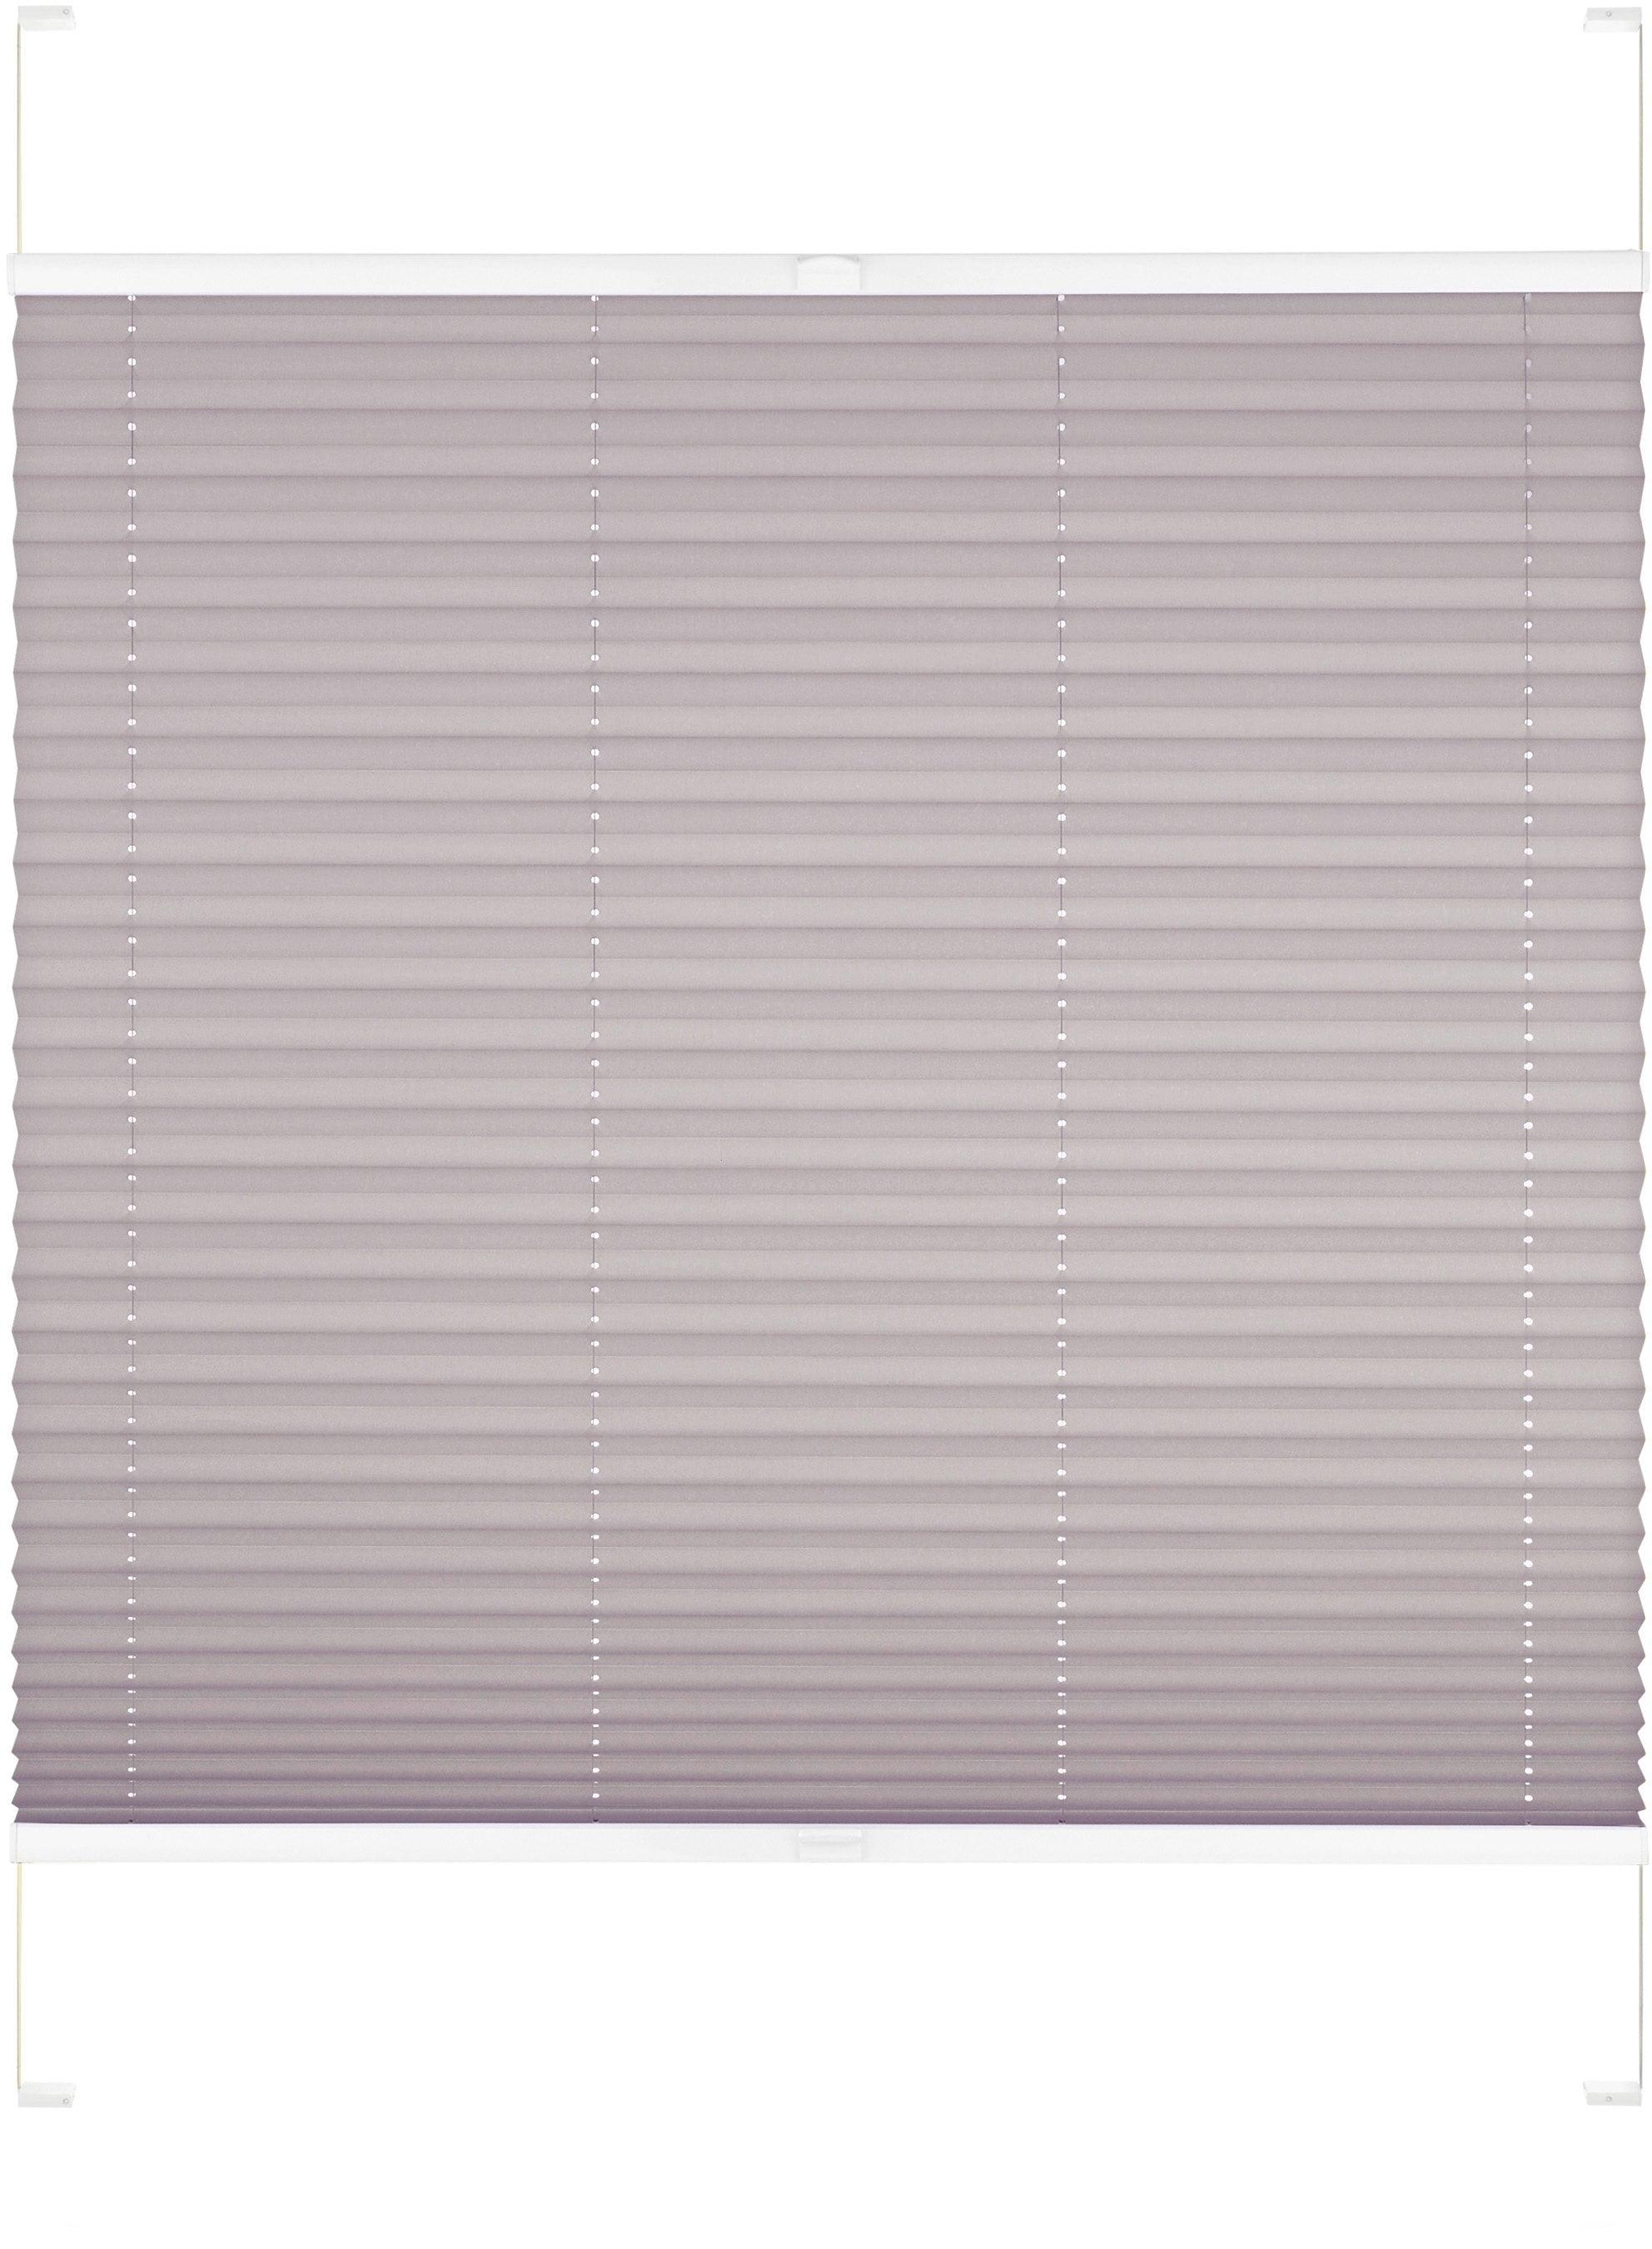 Dachfensterplissee nach Maß Dena Good Life Lichtschutz mit Bohren verspannt Wohnen/Wohntextilien/Rollos & Jalousien/Plissees/Dachfensterplissees